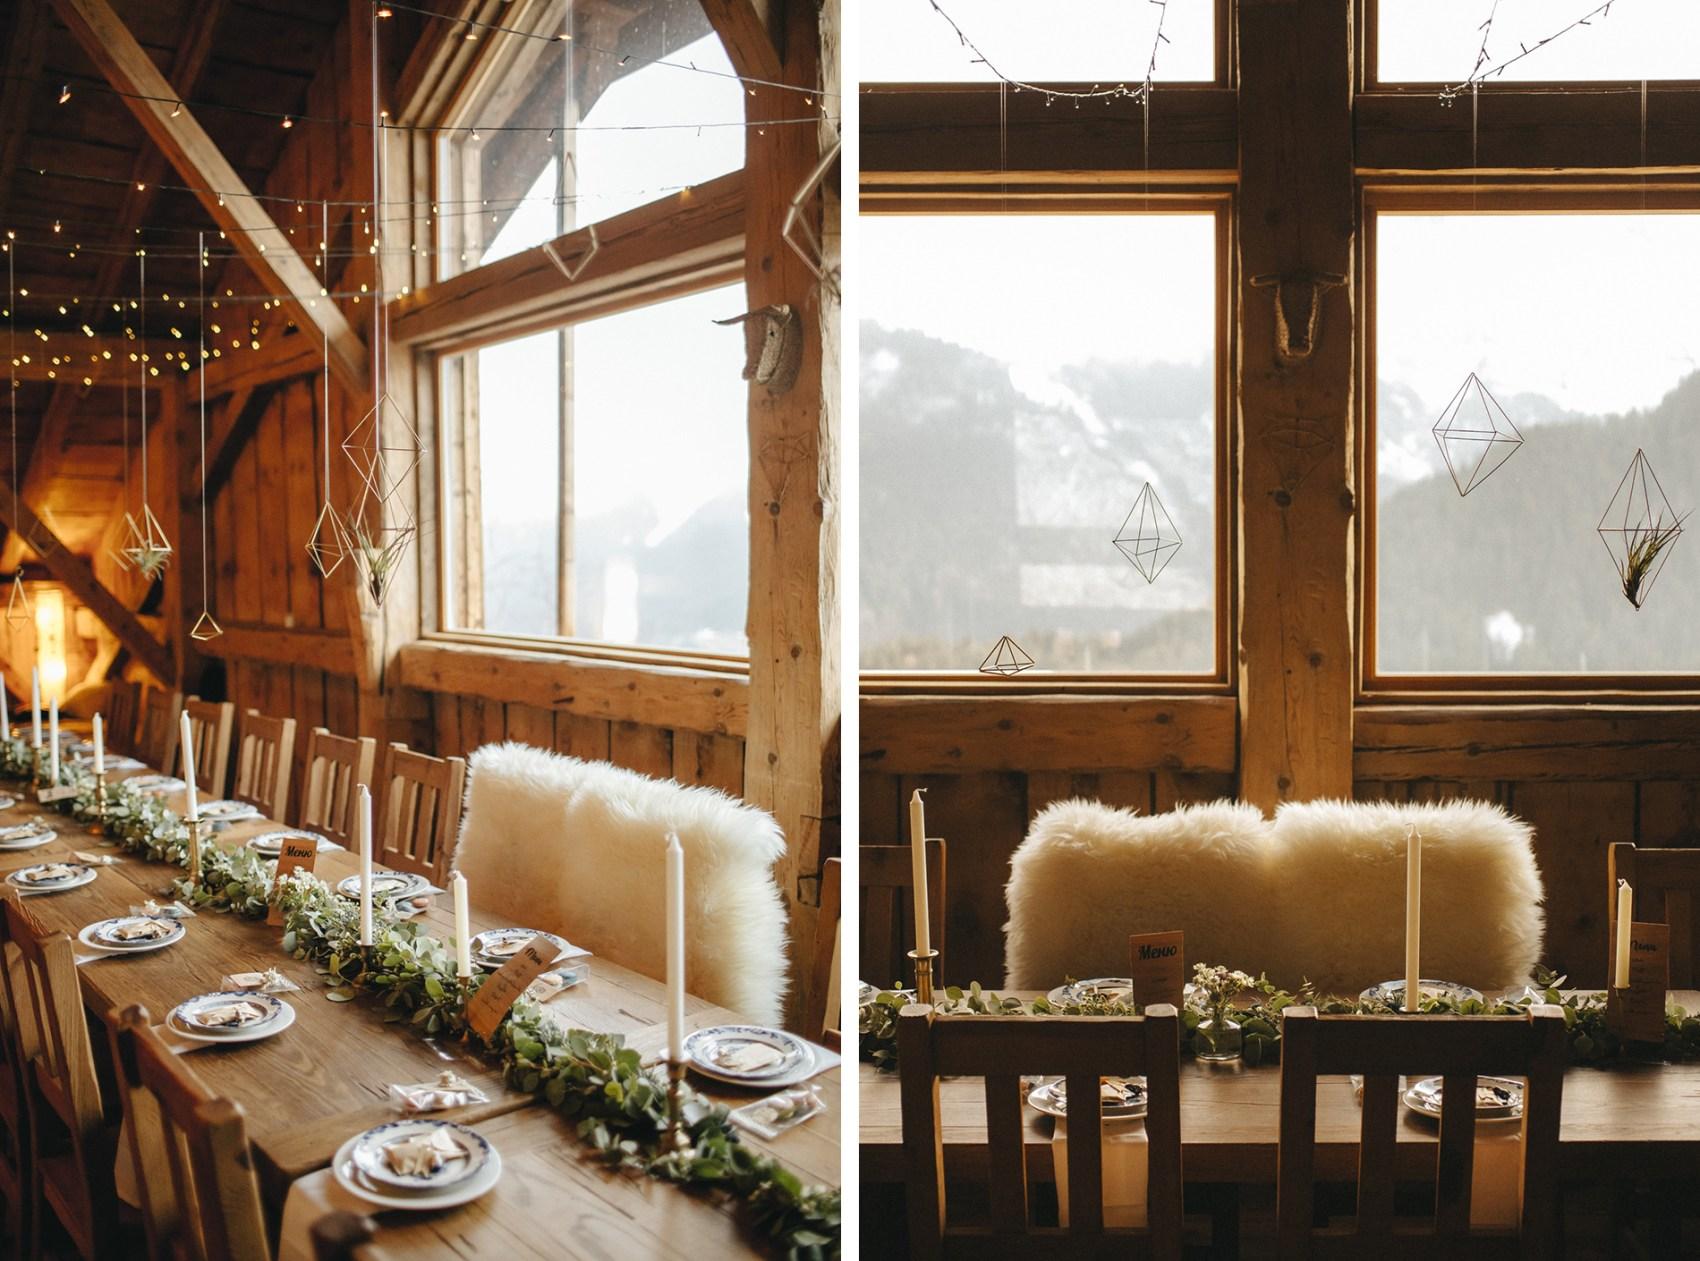 mariage-montagne-le-gite-du-passant-savoie-143-copie.jpg